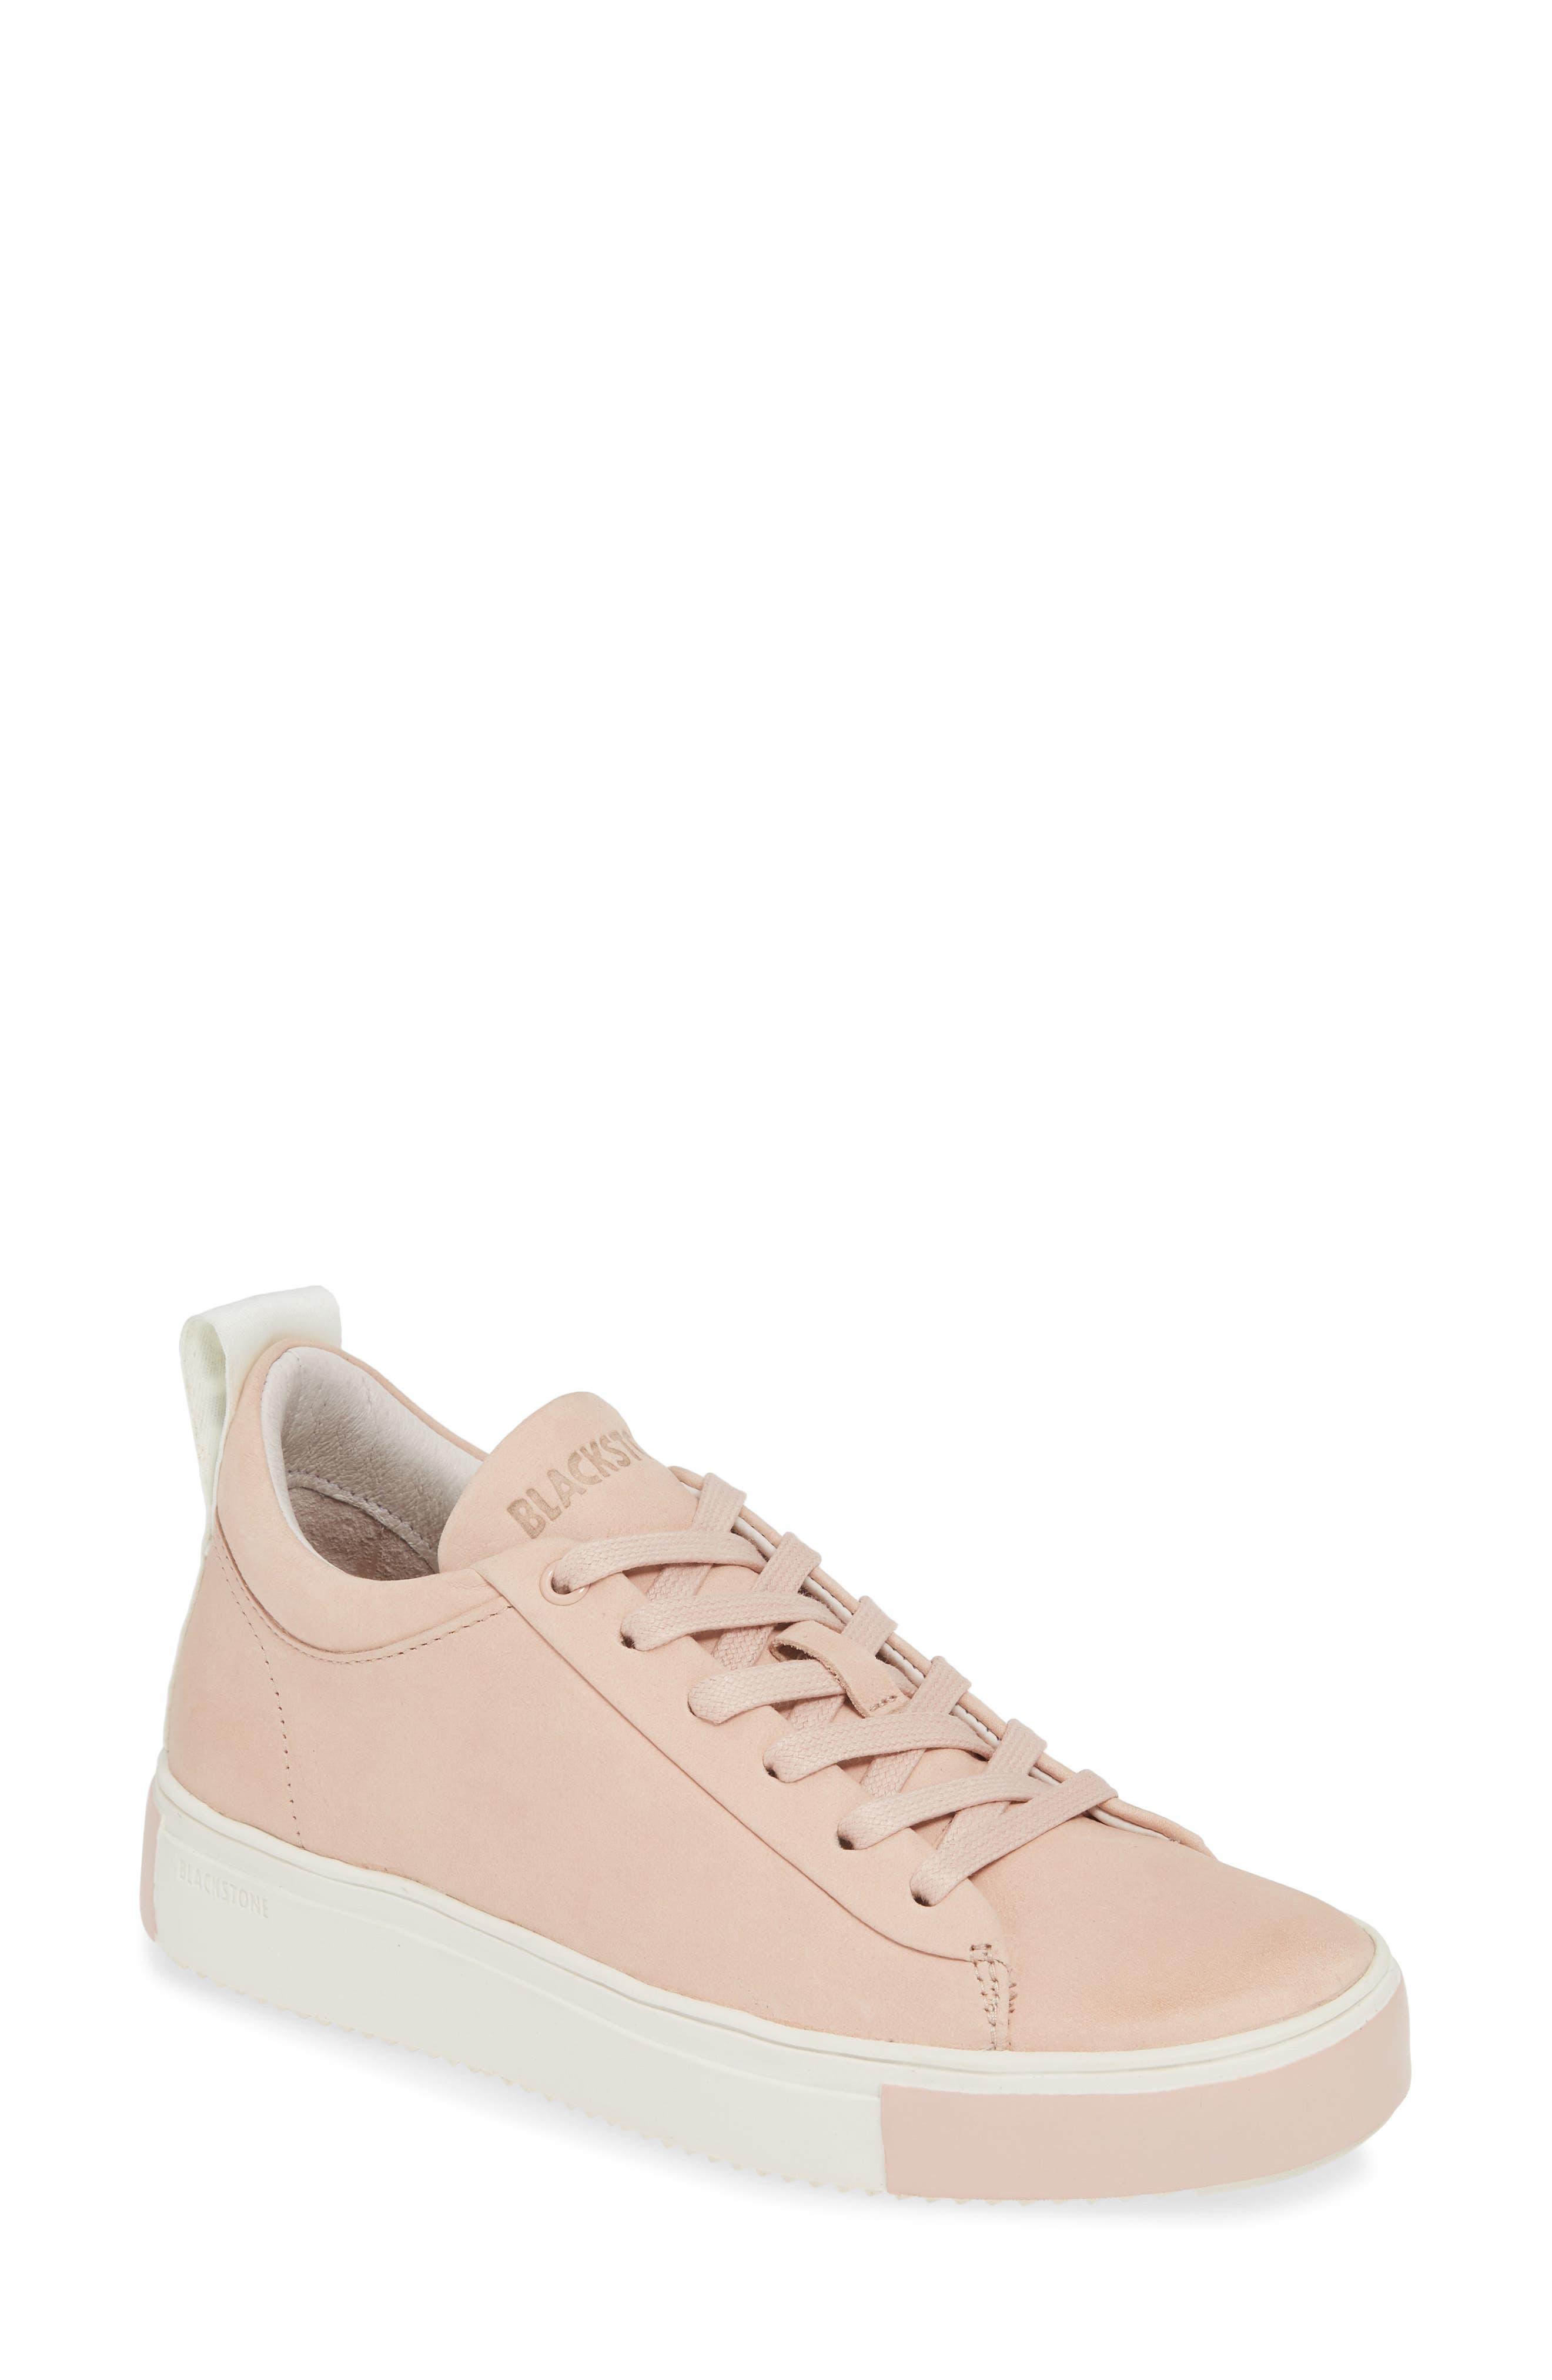 Blackstone Rl65 Mid Top Sneaker, Pink